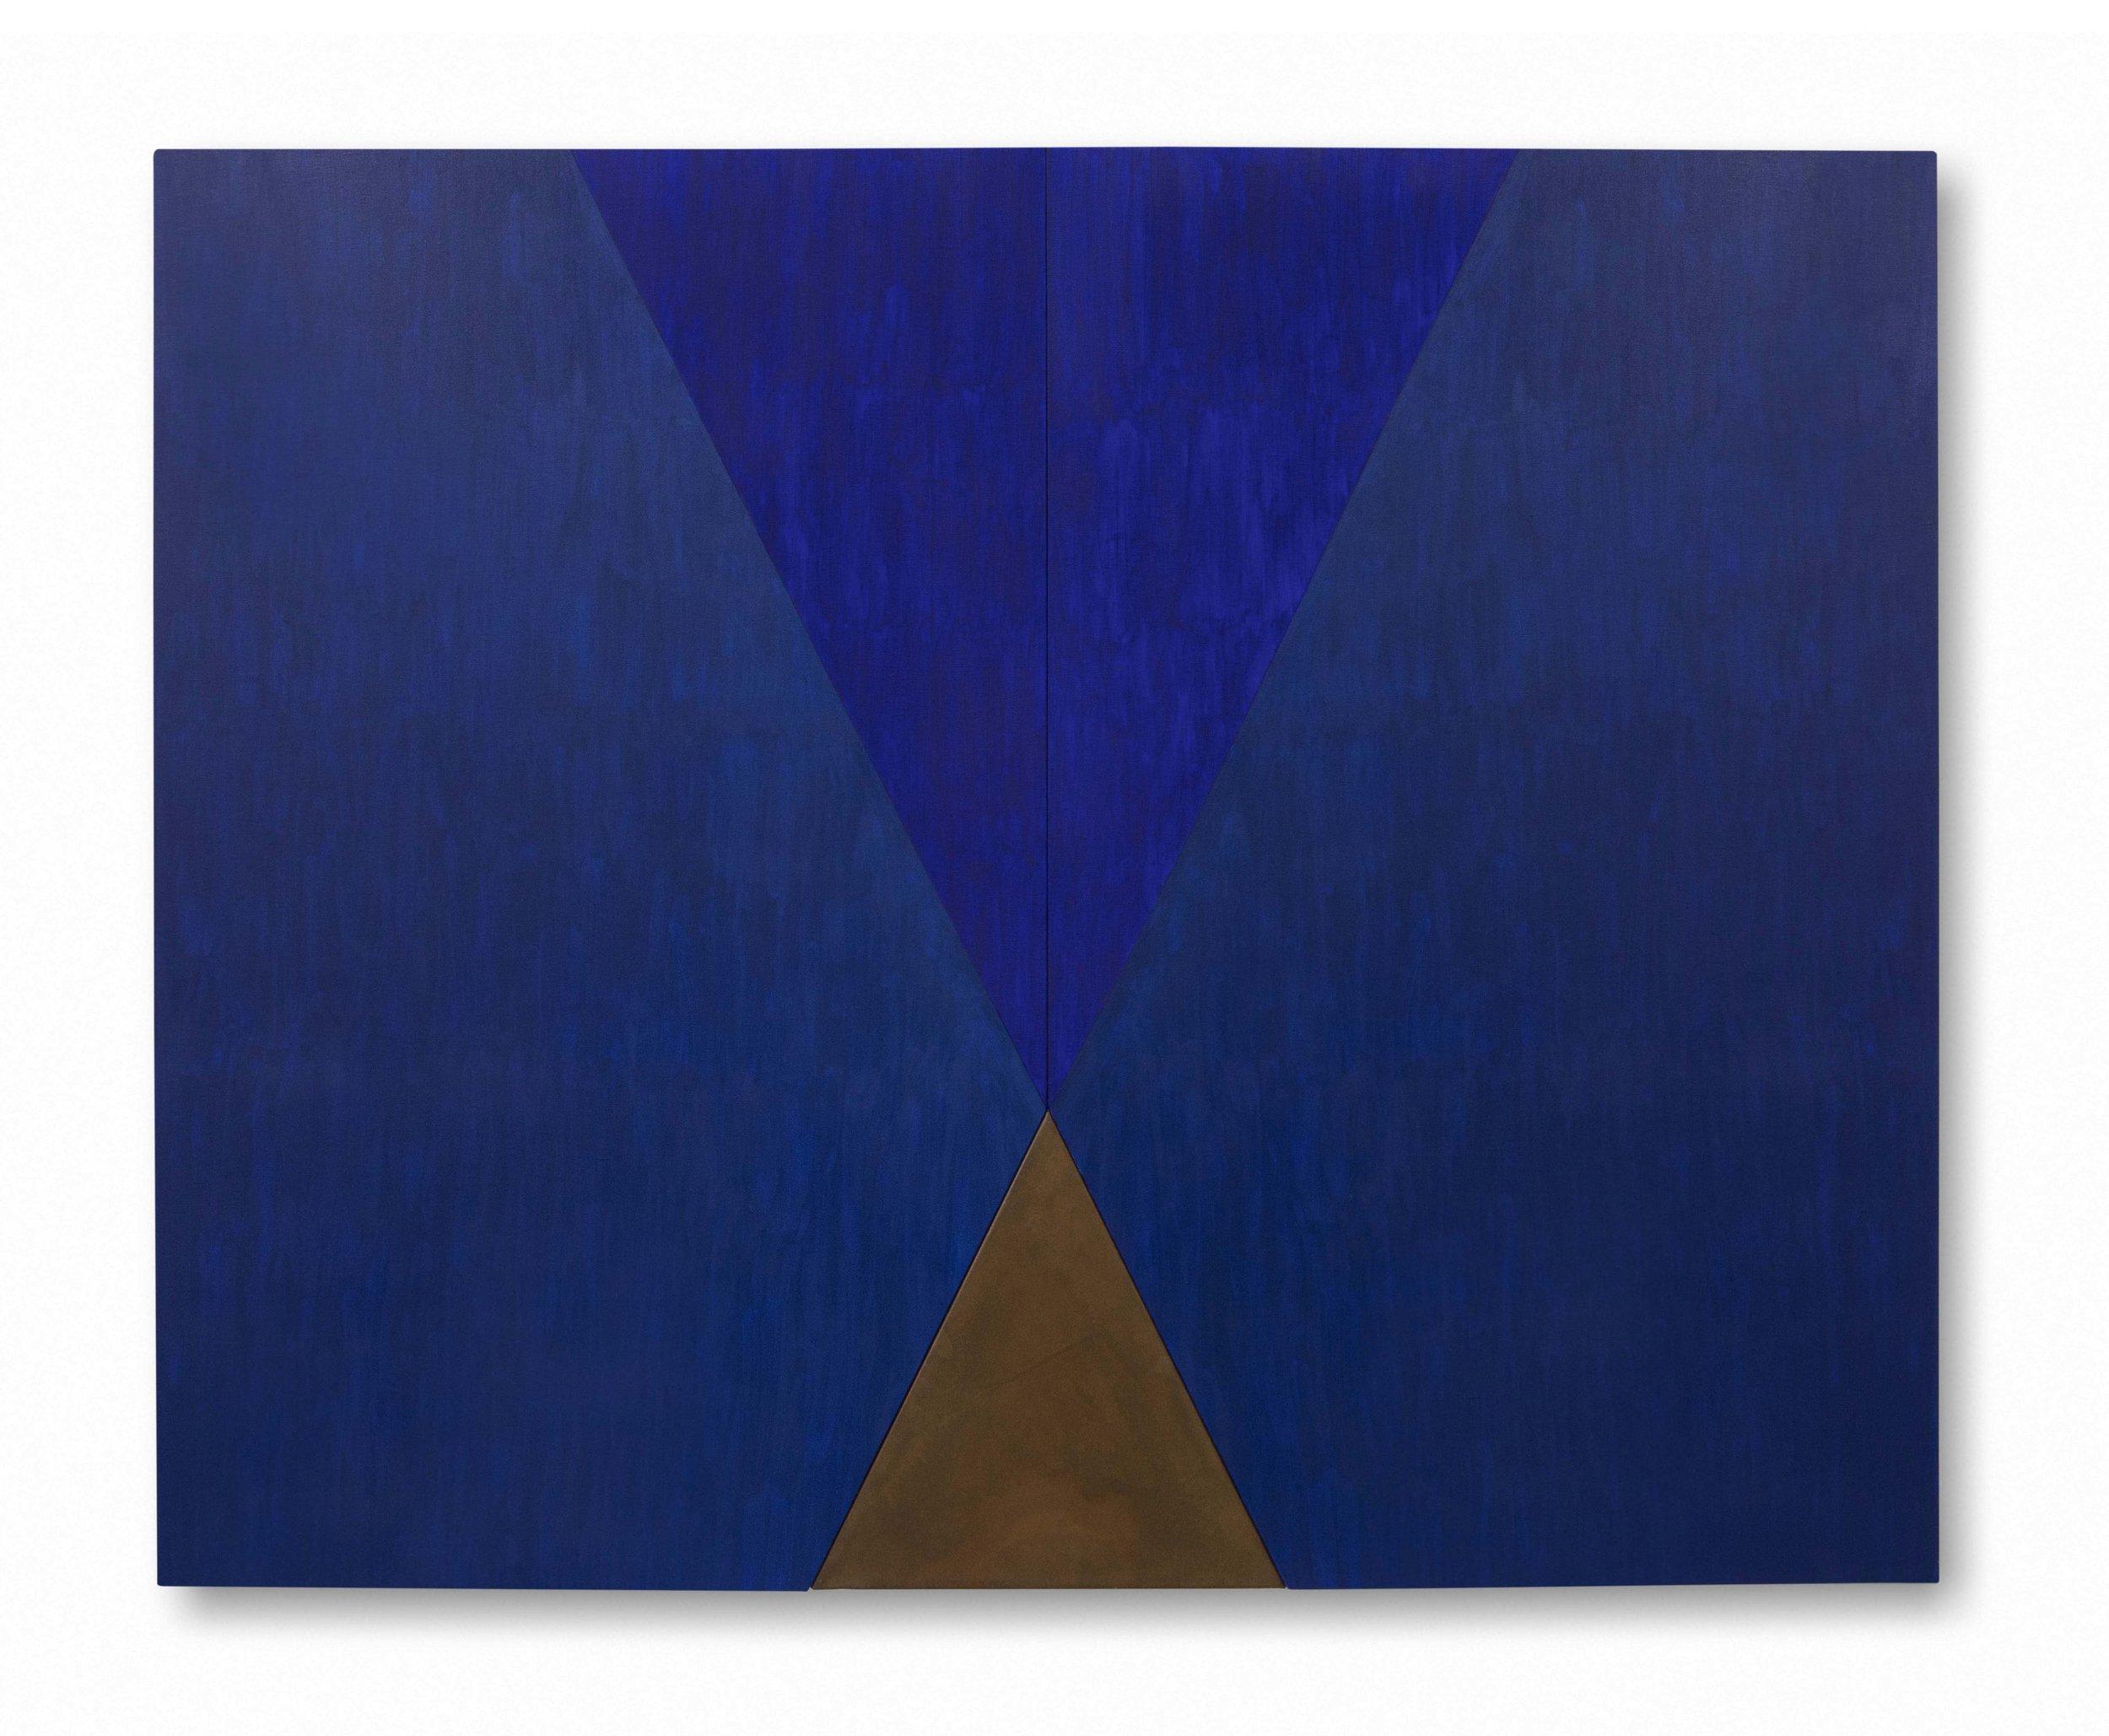 Triángulos 2. 2019. Óleo sobre lienzo y acero corten. 120 x 150 cm.